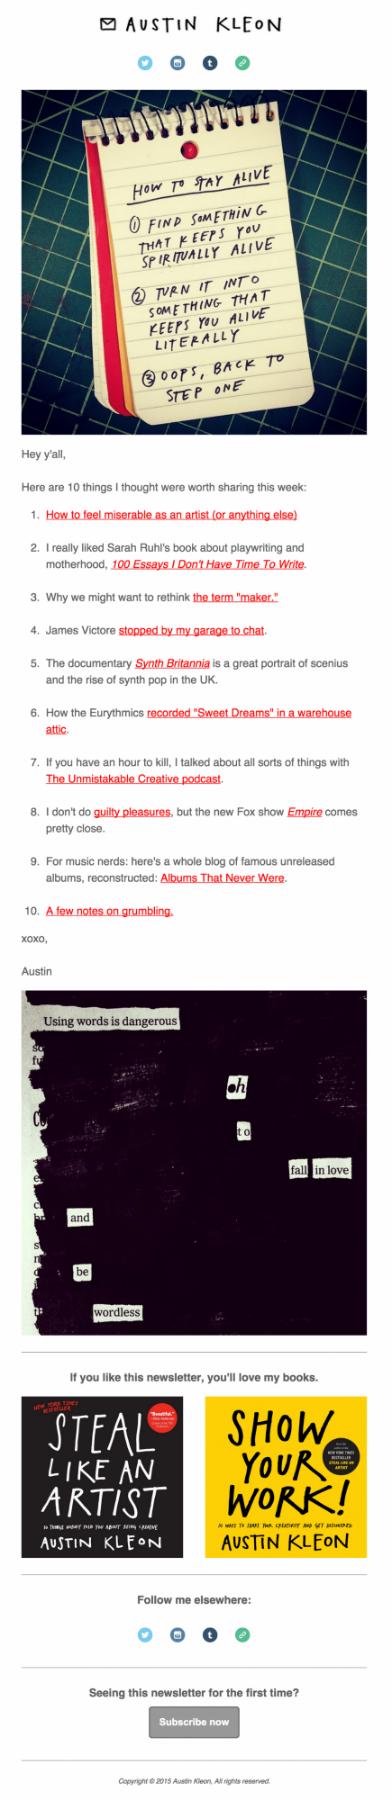 Как спроектировать почтовую рассылку, которая не раздражает: 10 простых советов - 11